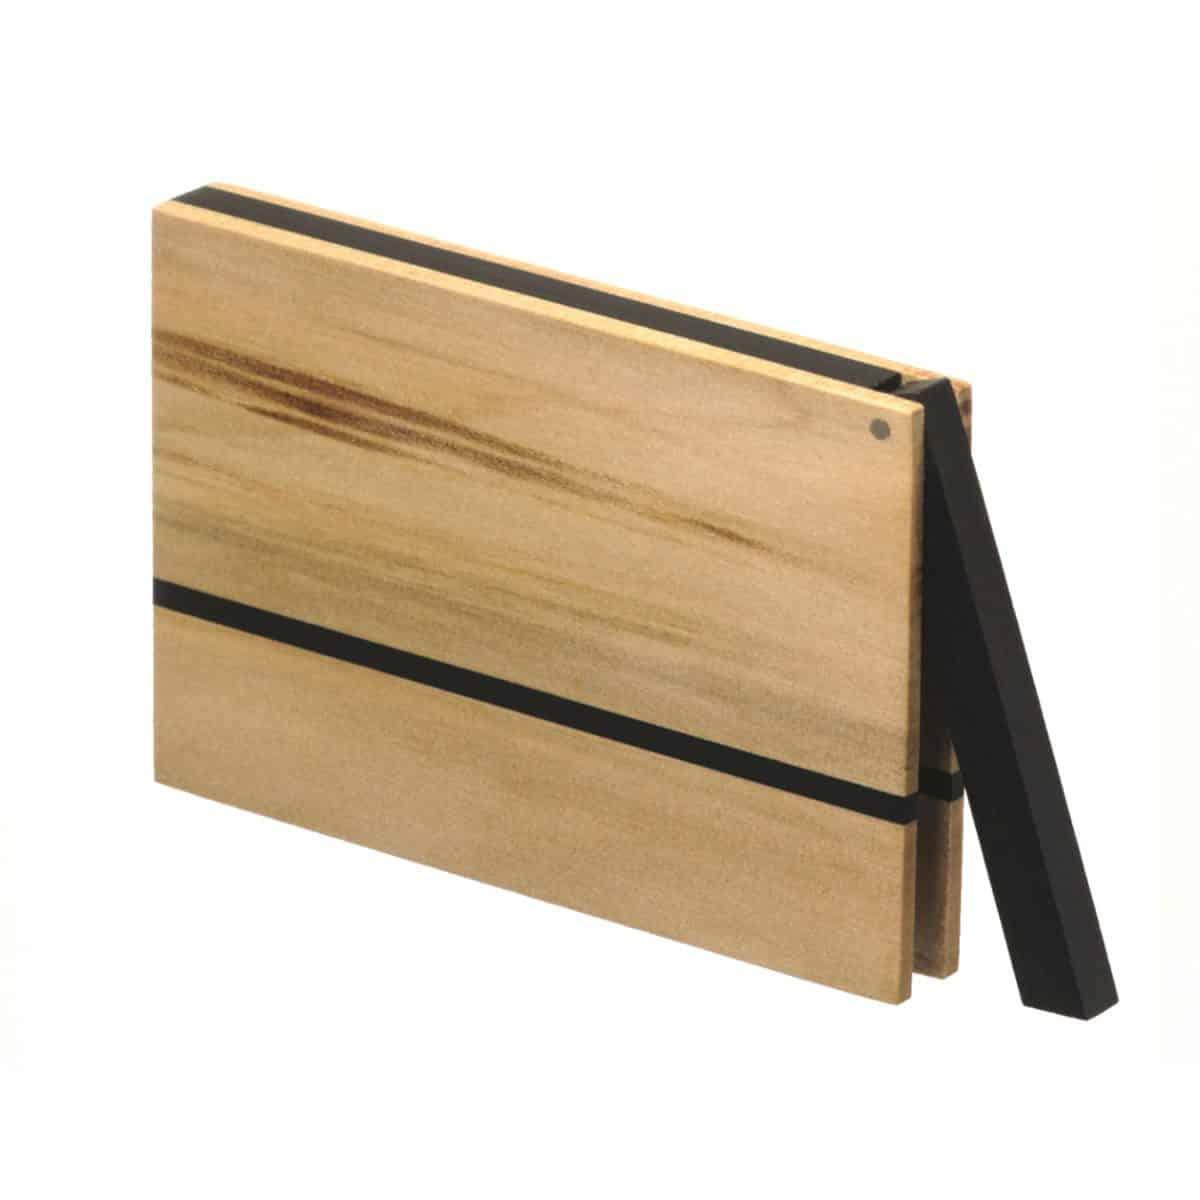 Visitenkartenetui aus Holz. Nussbaum Satin hell, Modell »Vita« in kantiger Form